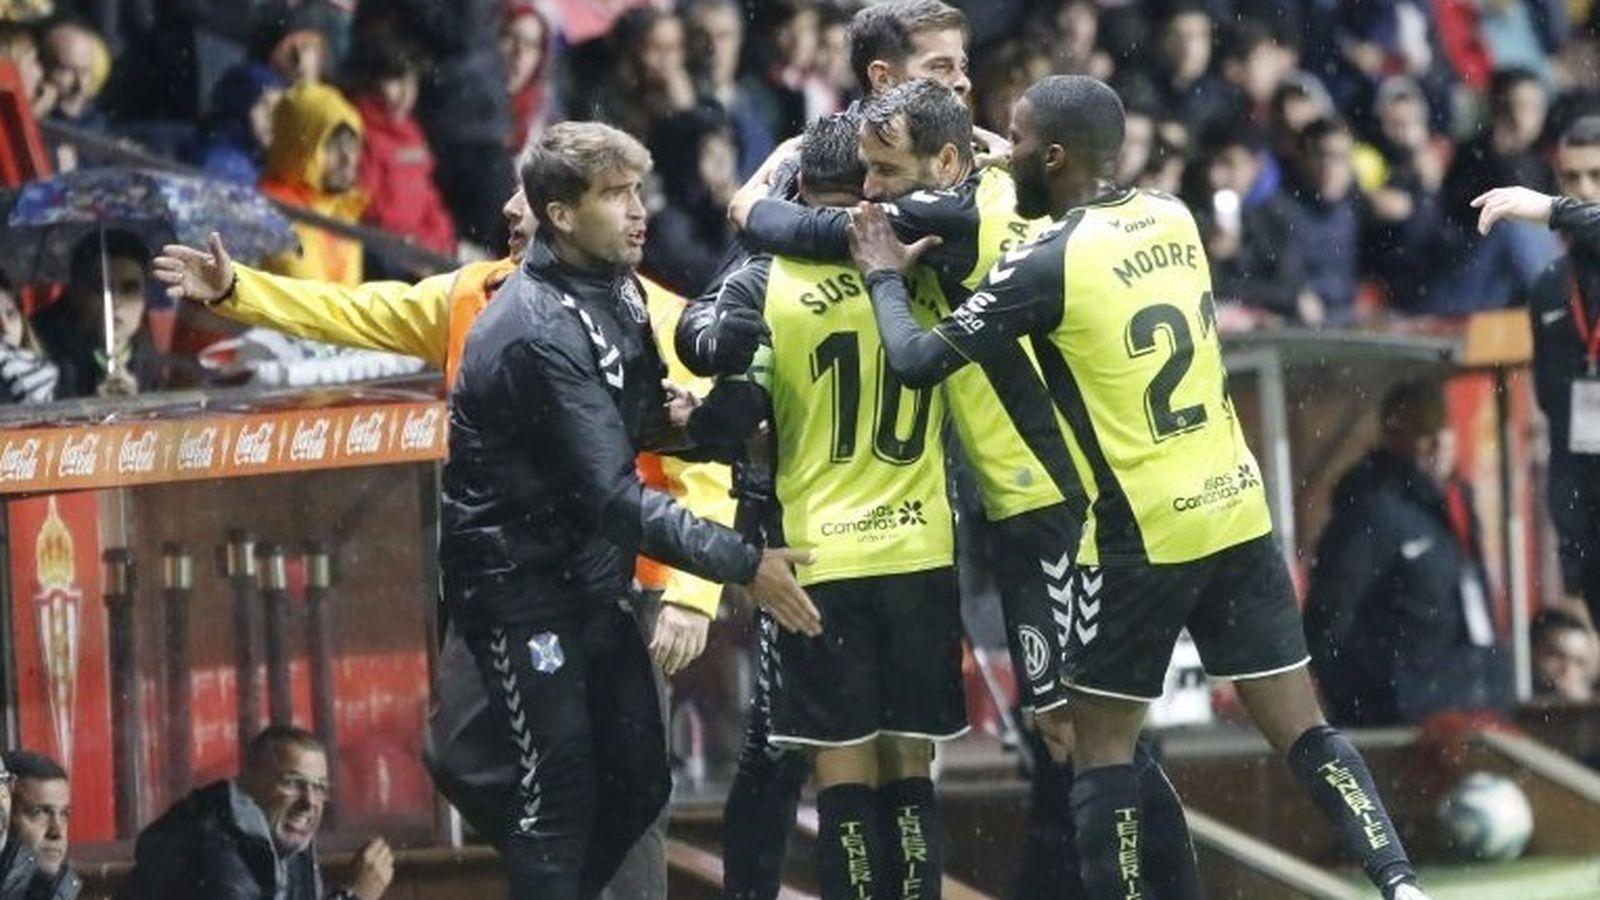 Foto: Jugadores del Tenerife celebran un gol. (Europa Press)